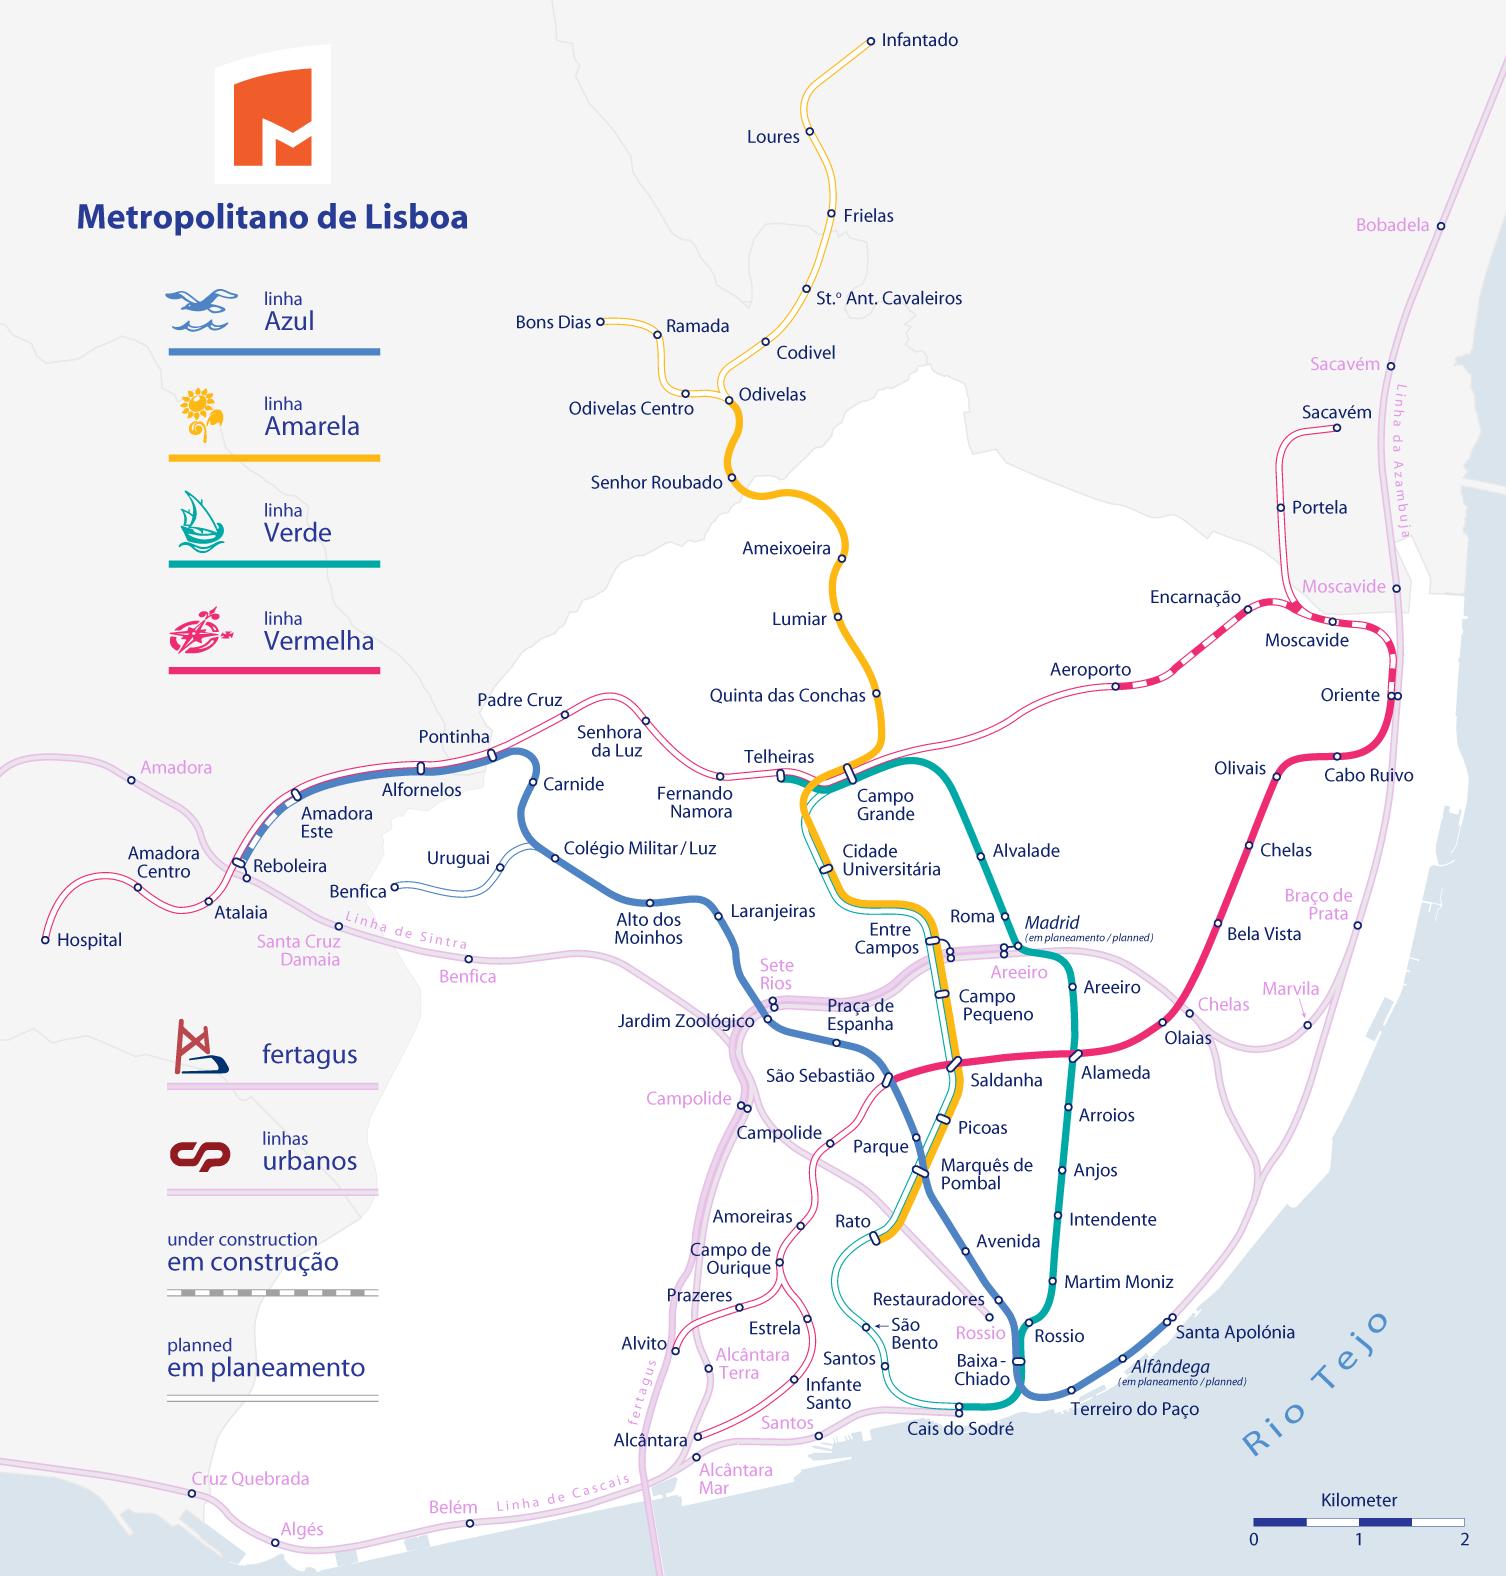 Mappa della metro di Lisbona